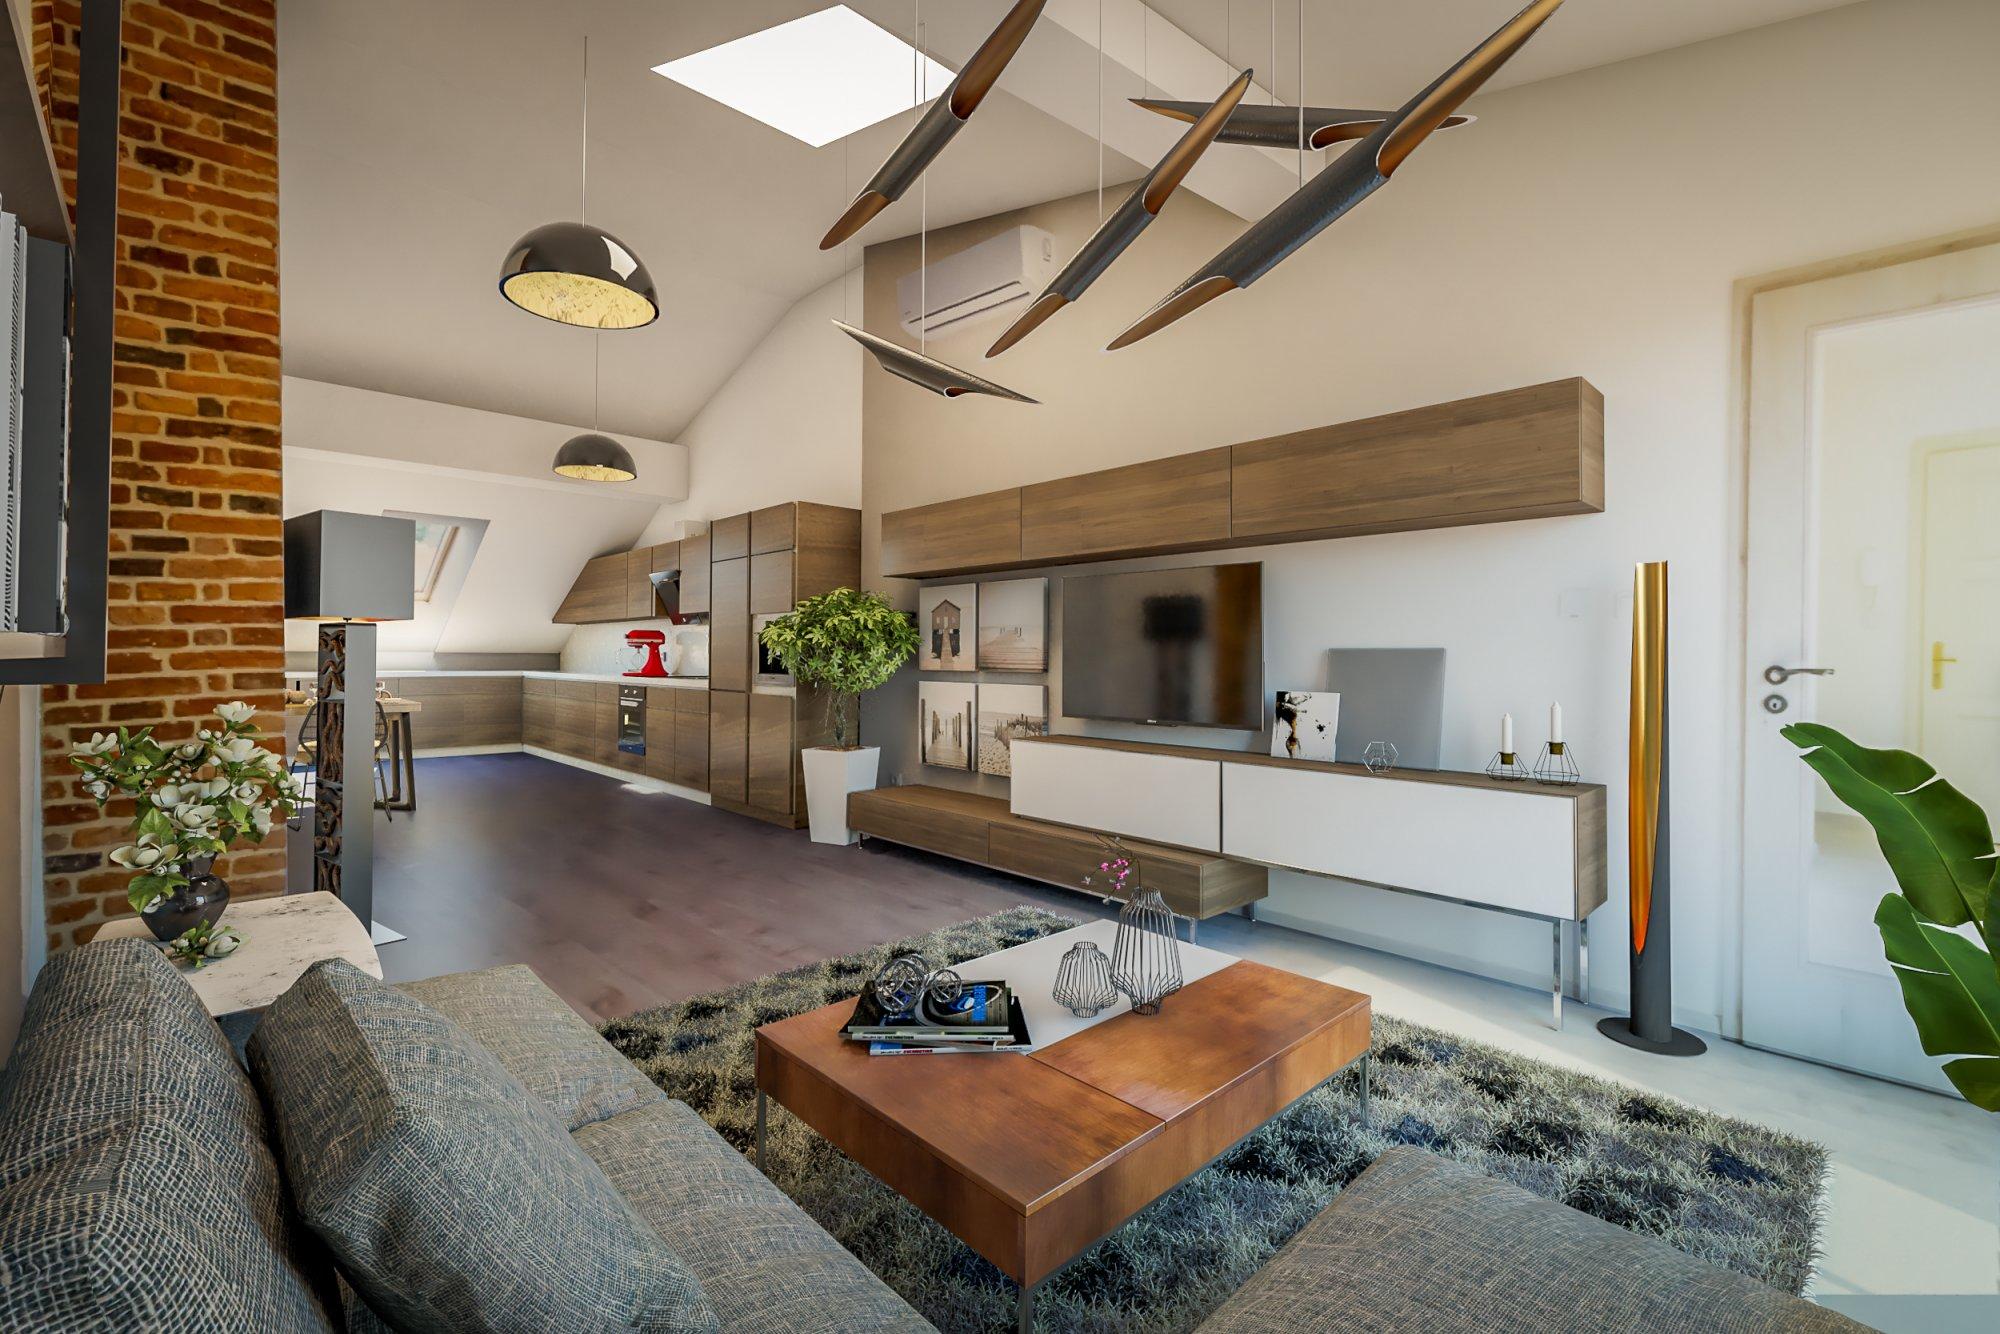 Půdní byt 3+kk, plocha 121 m², ulice Štefánikova, Praha 5 - Smíchov | 1